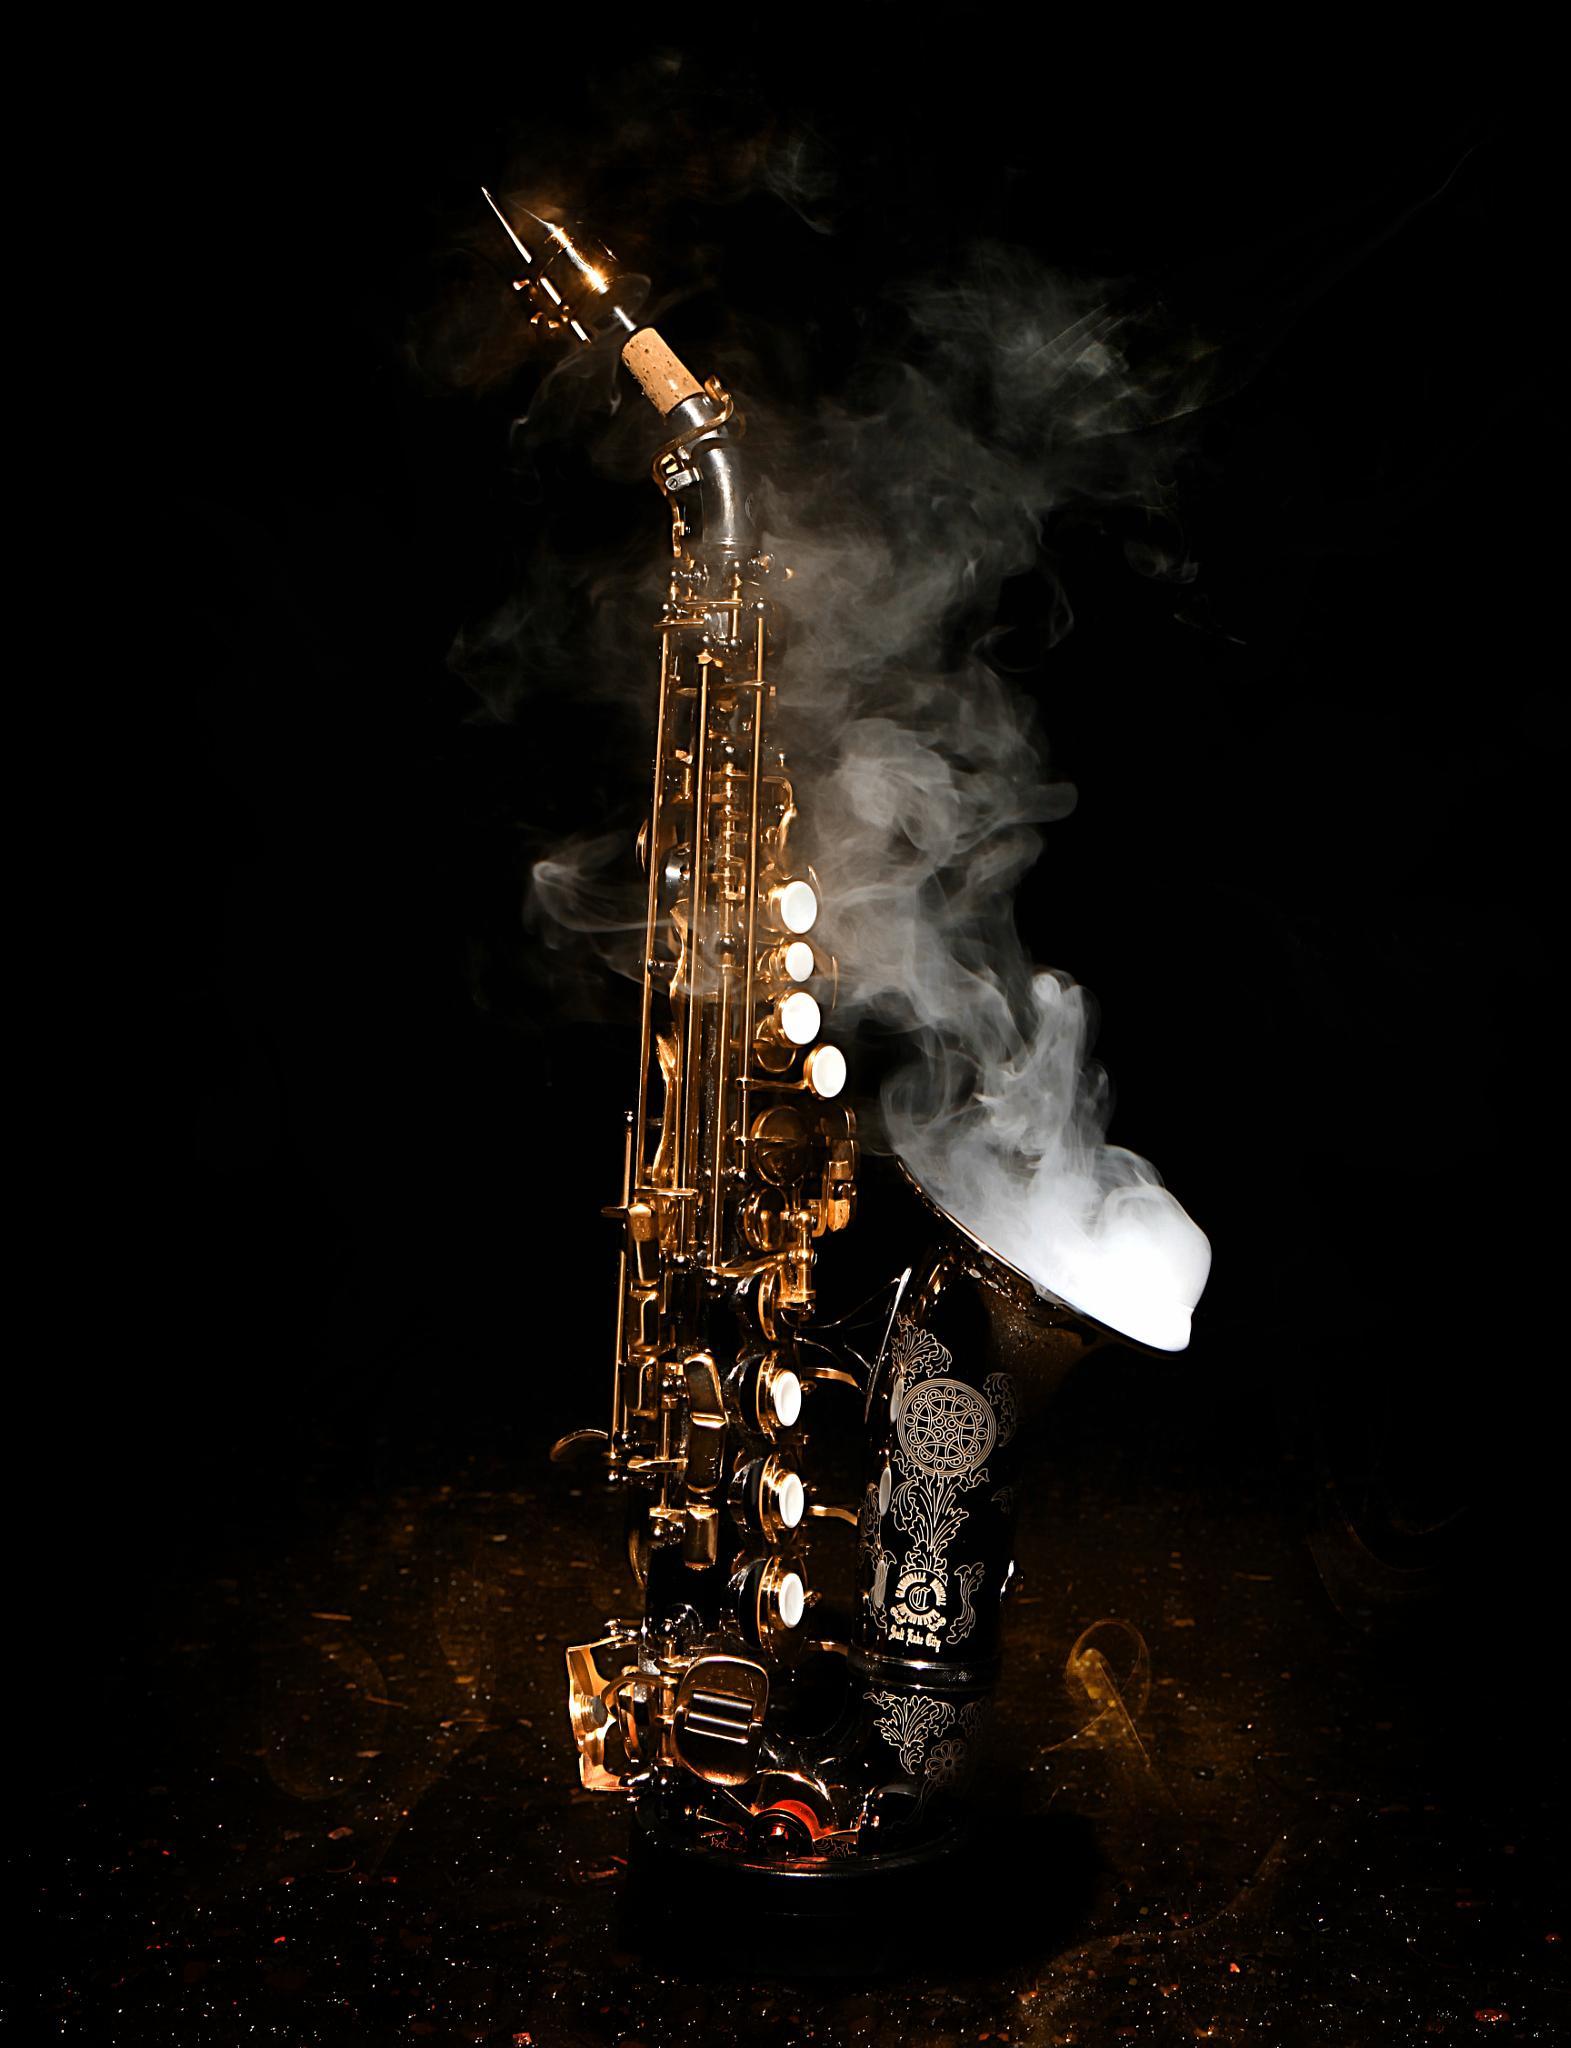 Hot Jazz by dennis.glisson